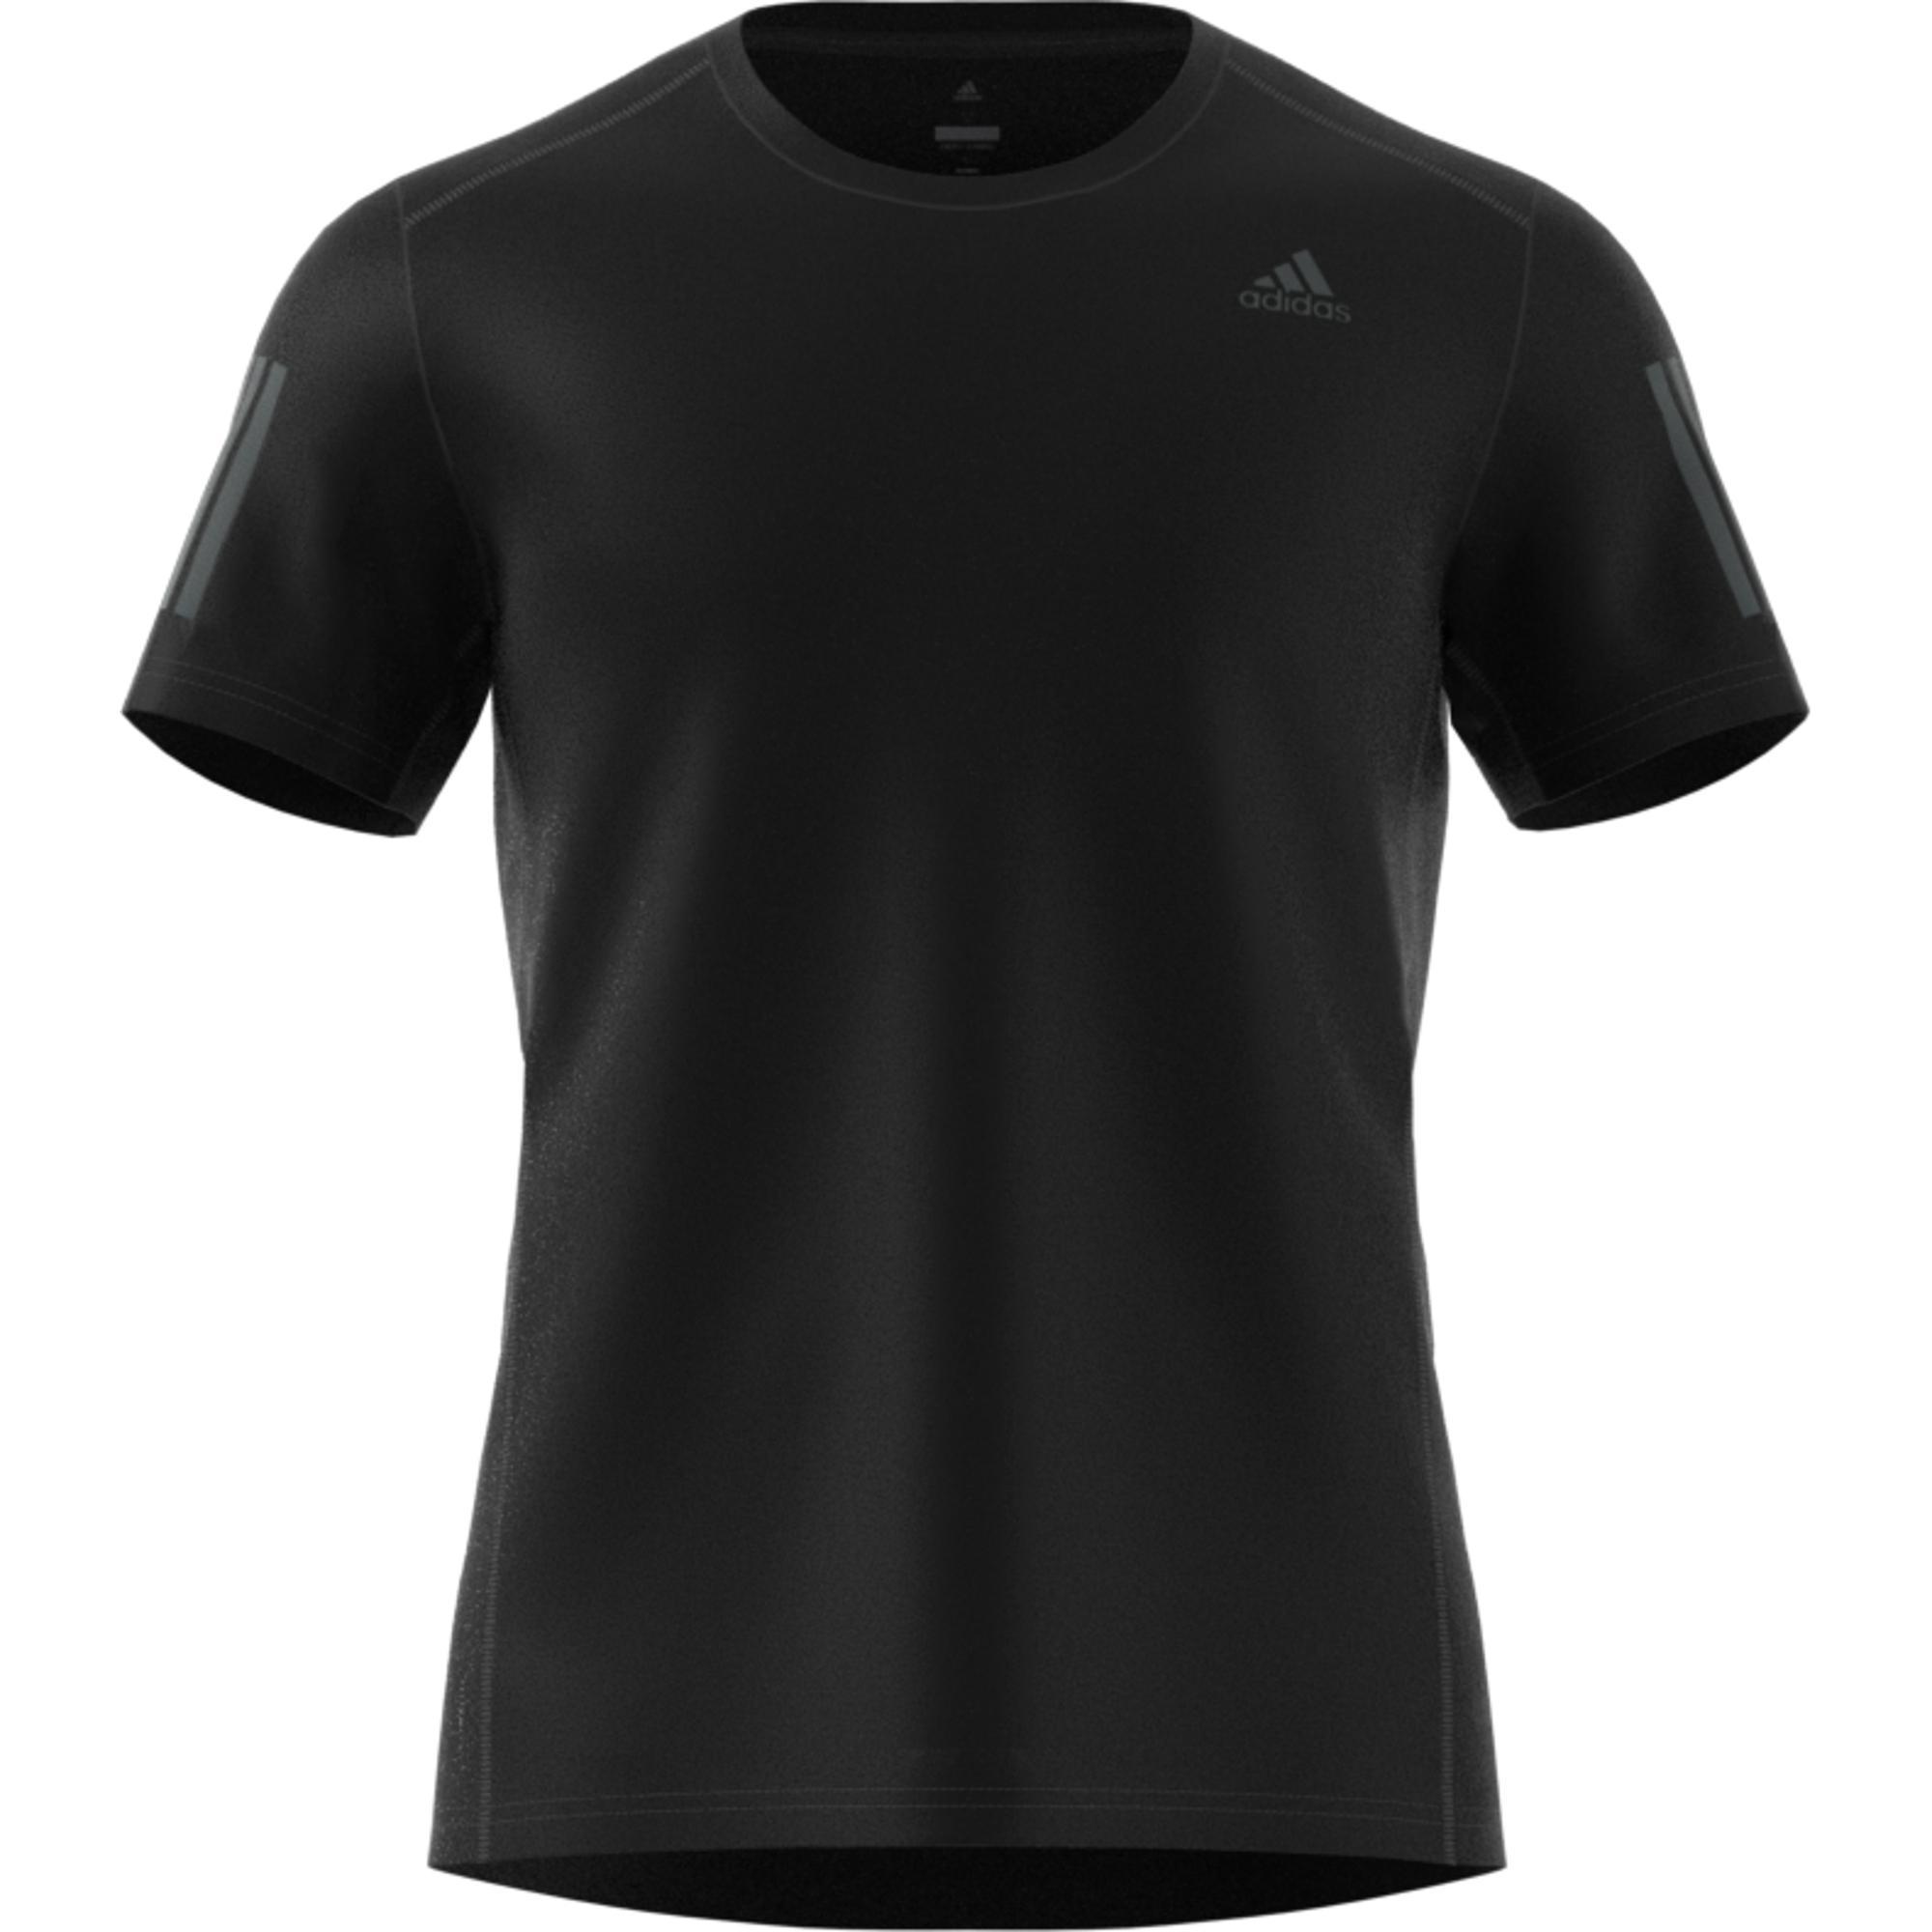 9c86a0eedd2e Buy Latest Adidas Products | Fashion | Lazada.sg